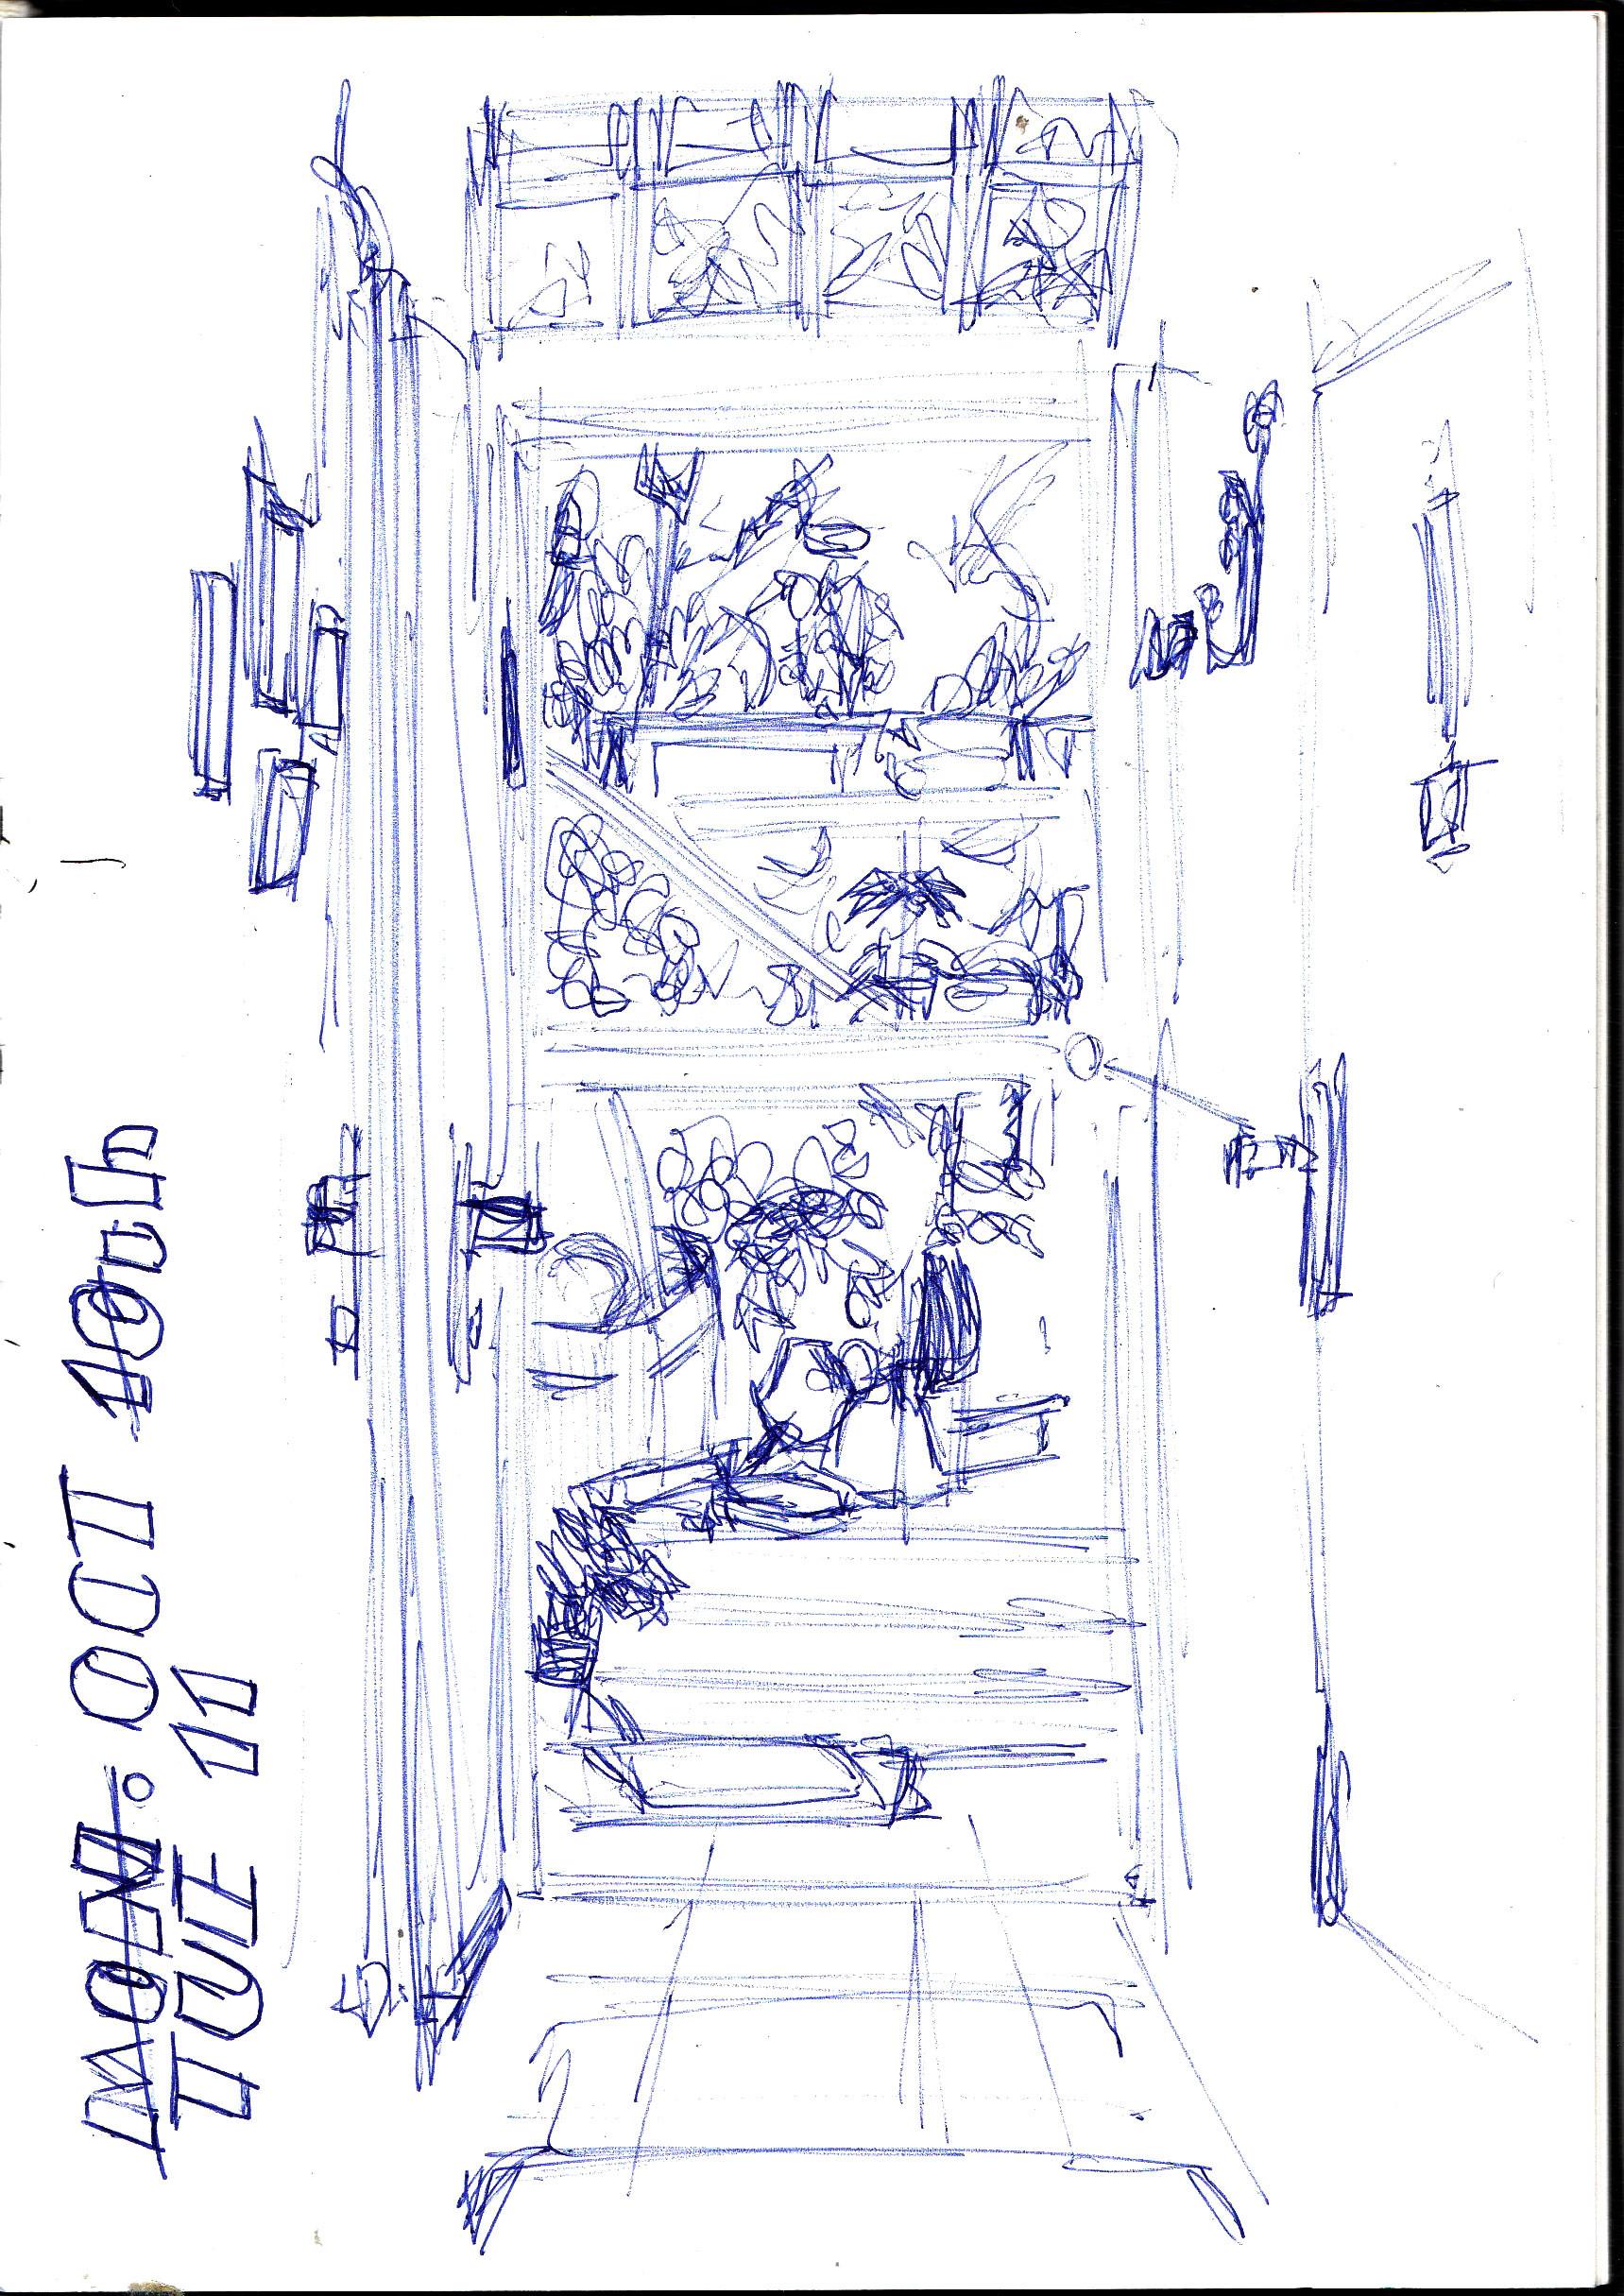 Itamar reiner ink16 11